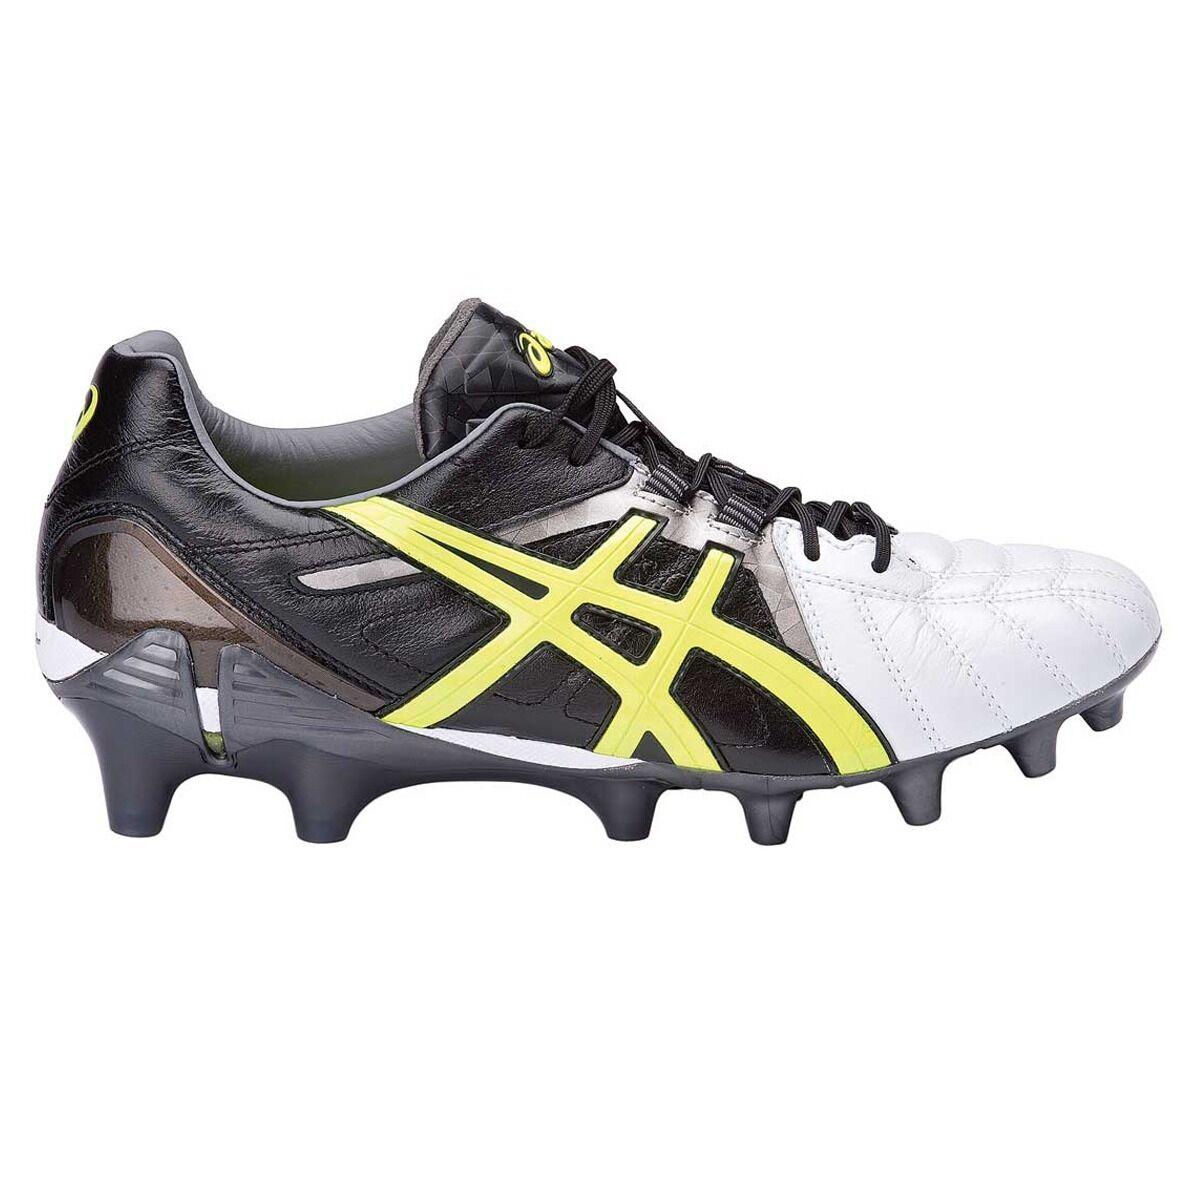 New Asics Gel Lethal Tigreor 8, botas de fútbol (0189) + Gratis aus Entrega